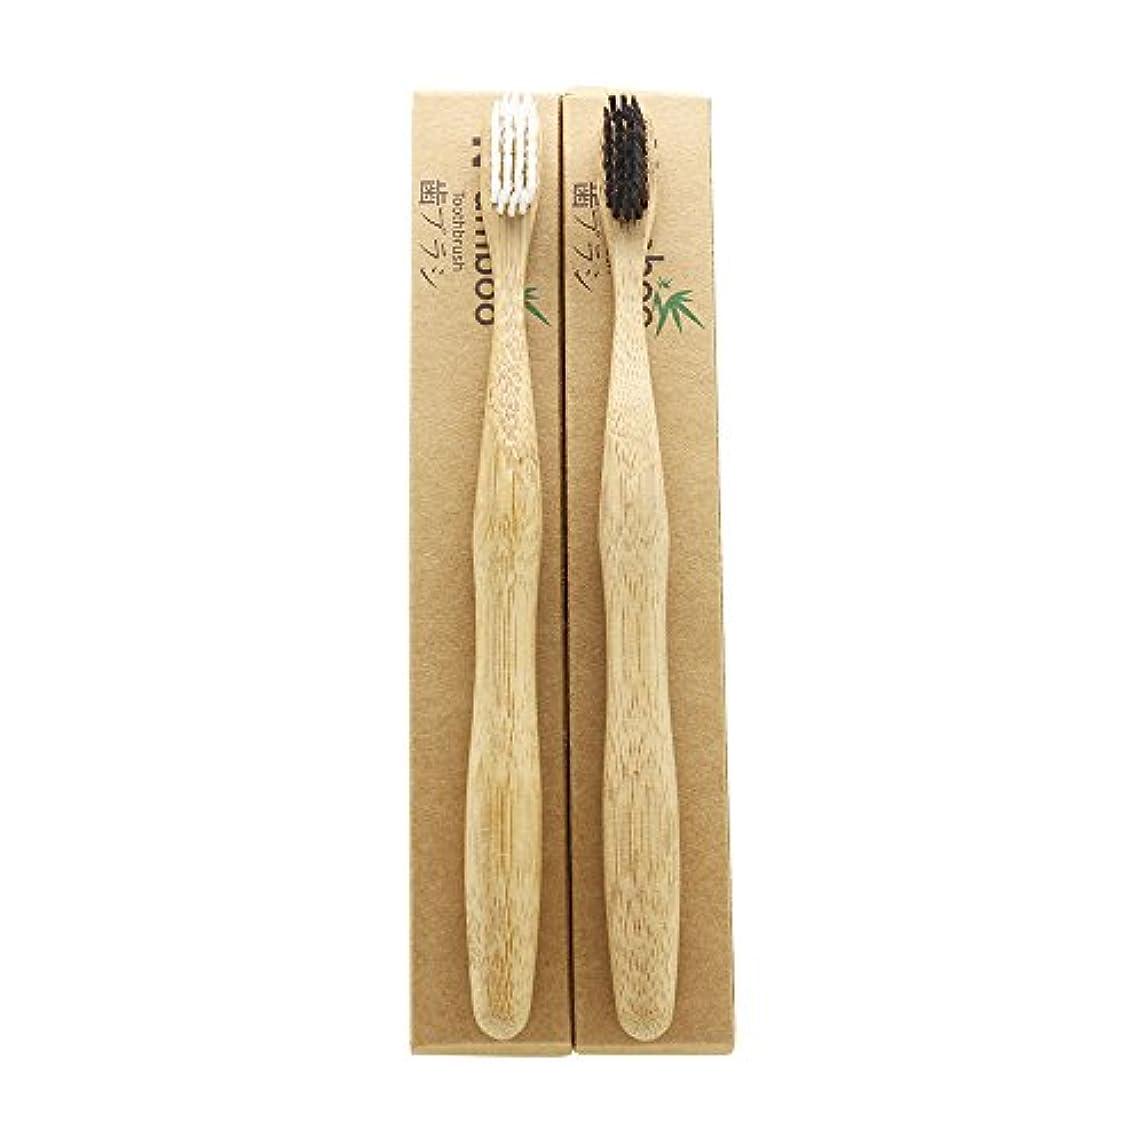 繕うオーケストラ告白N-amboo 竹製 歯ブラシ 高耐久性 白と黒 セット エコ  (2本)